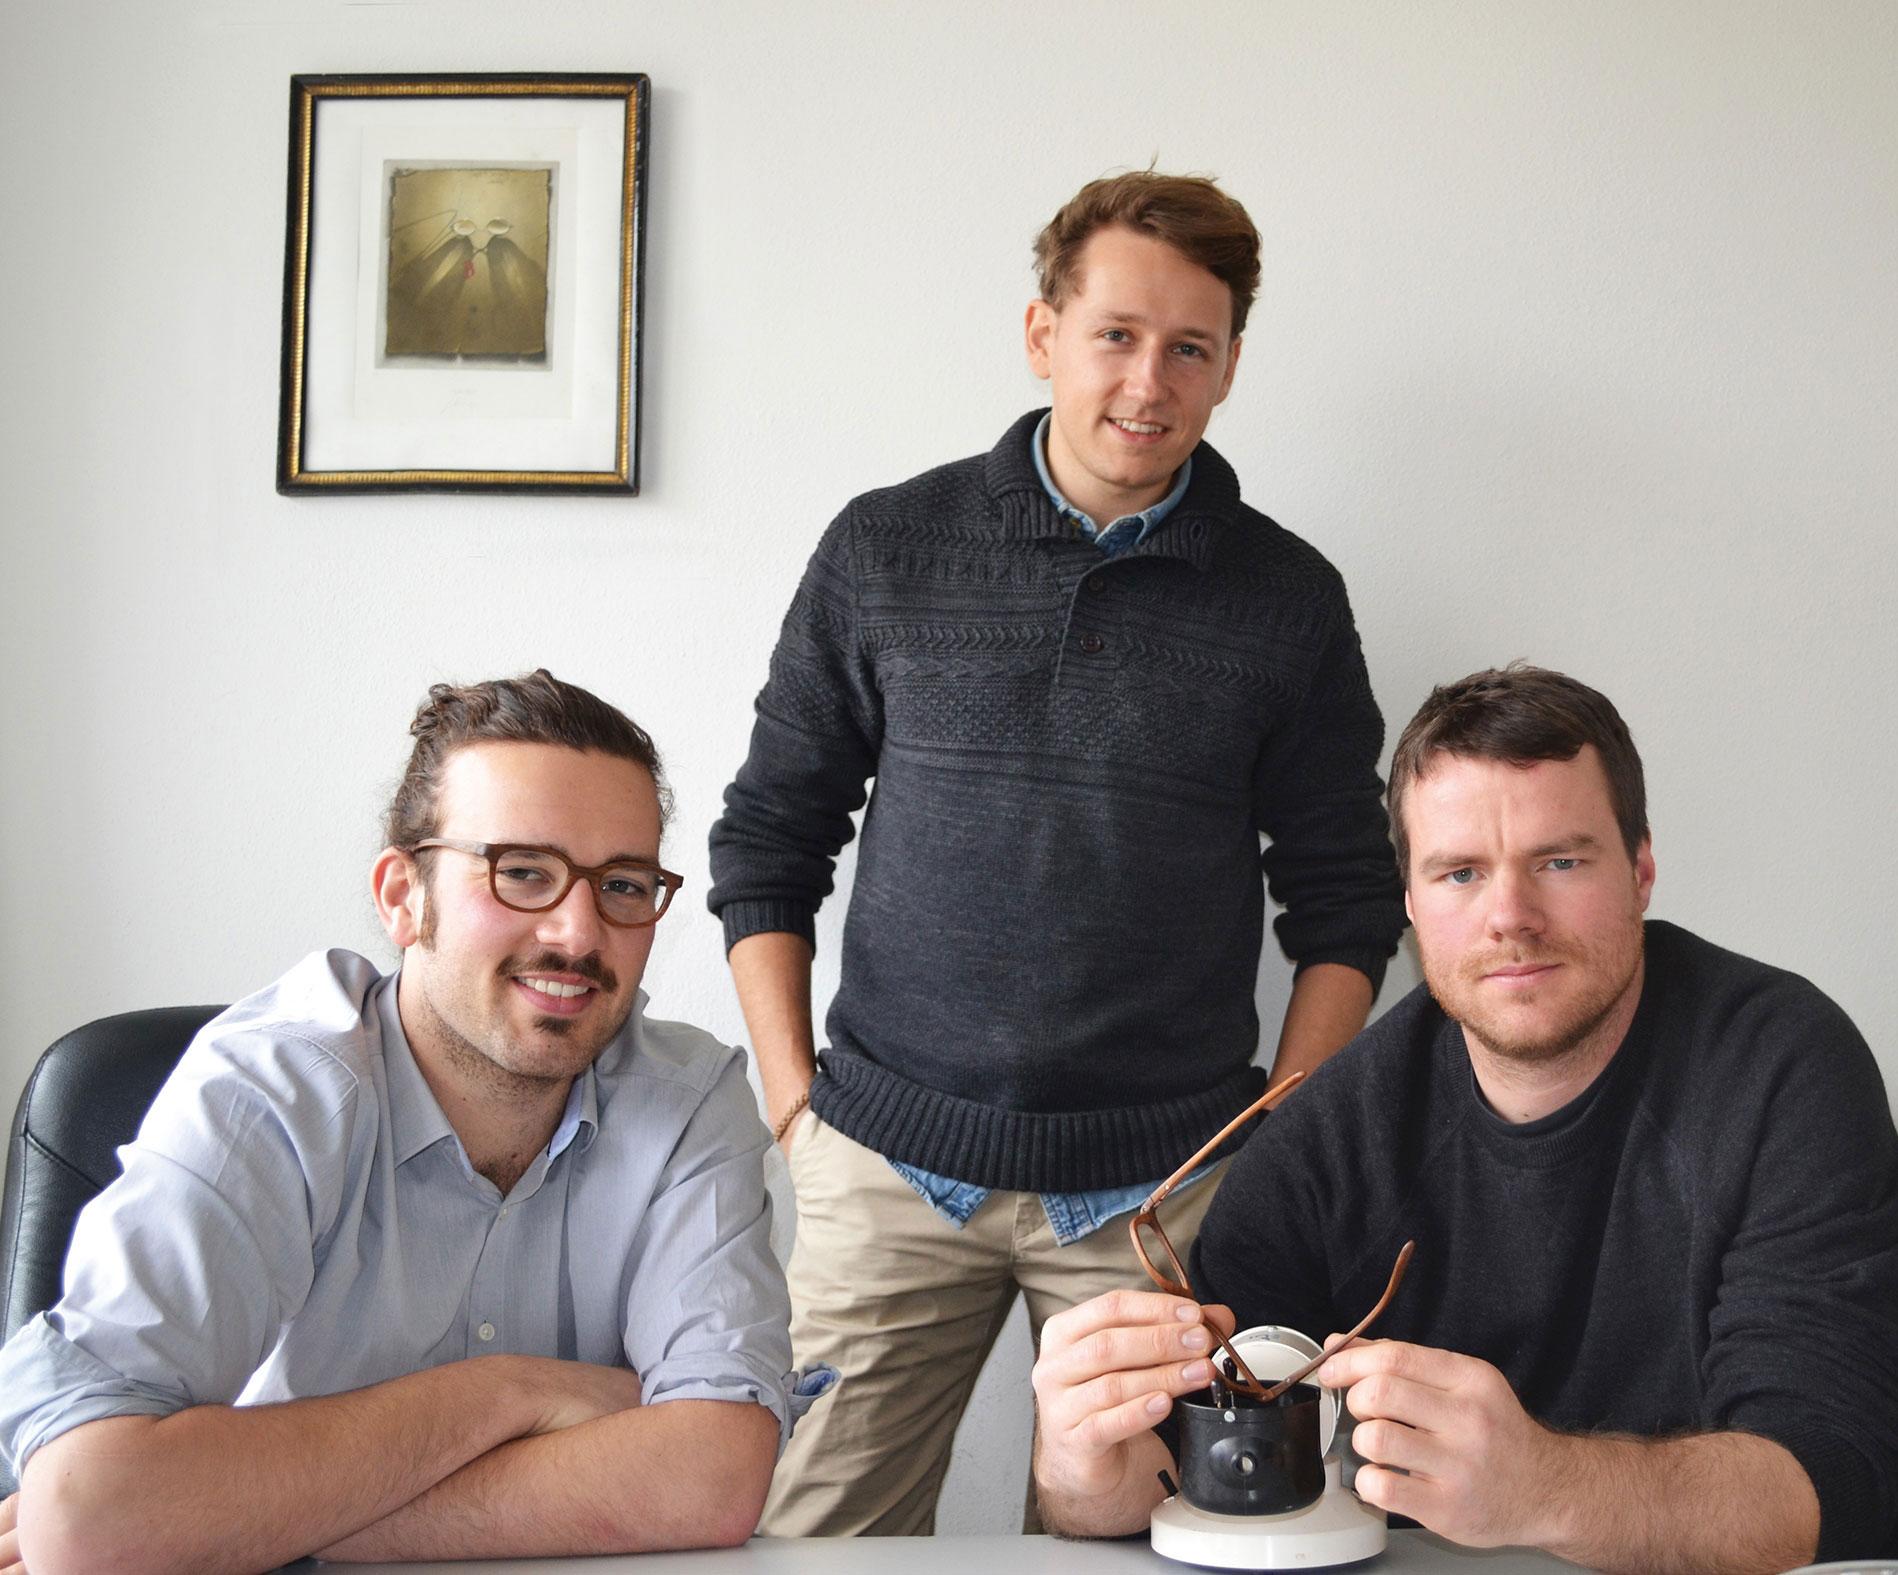 freisicht Teamfoto